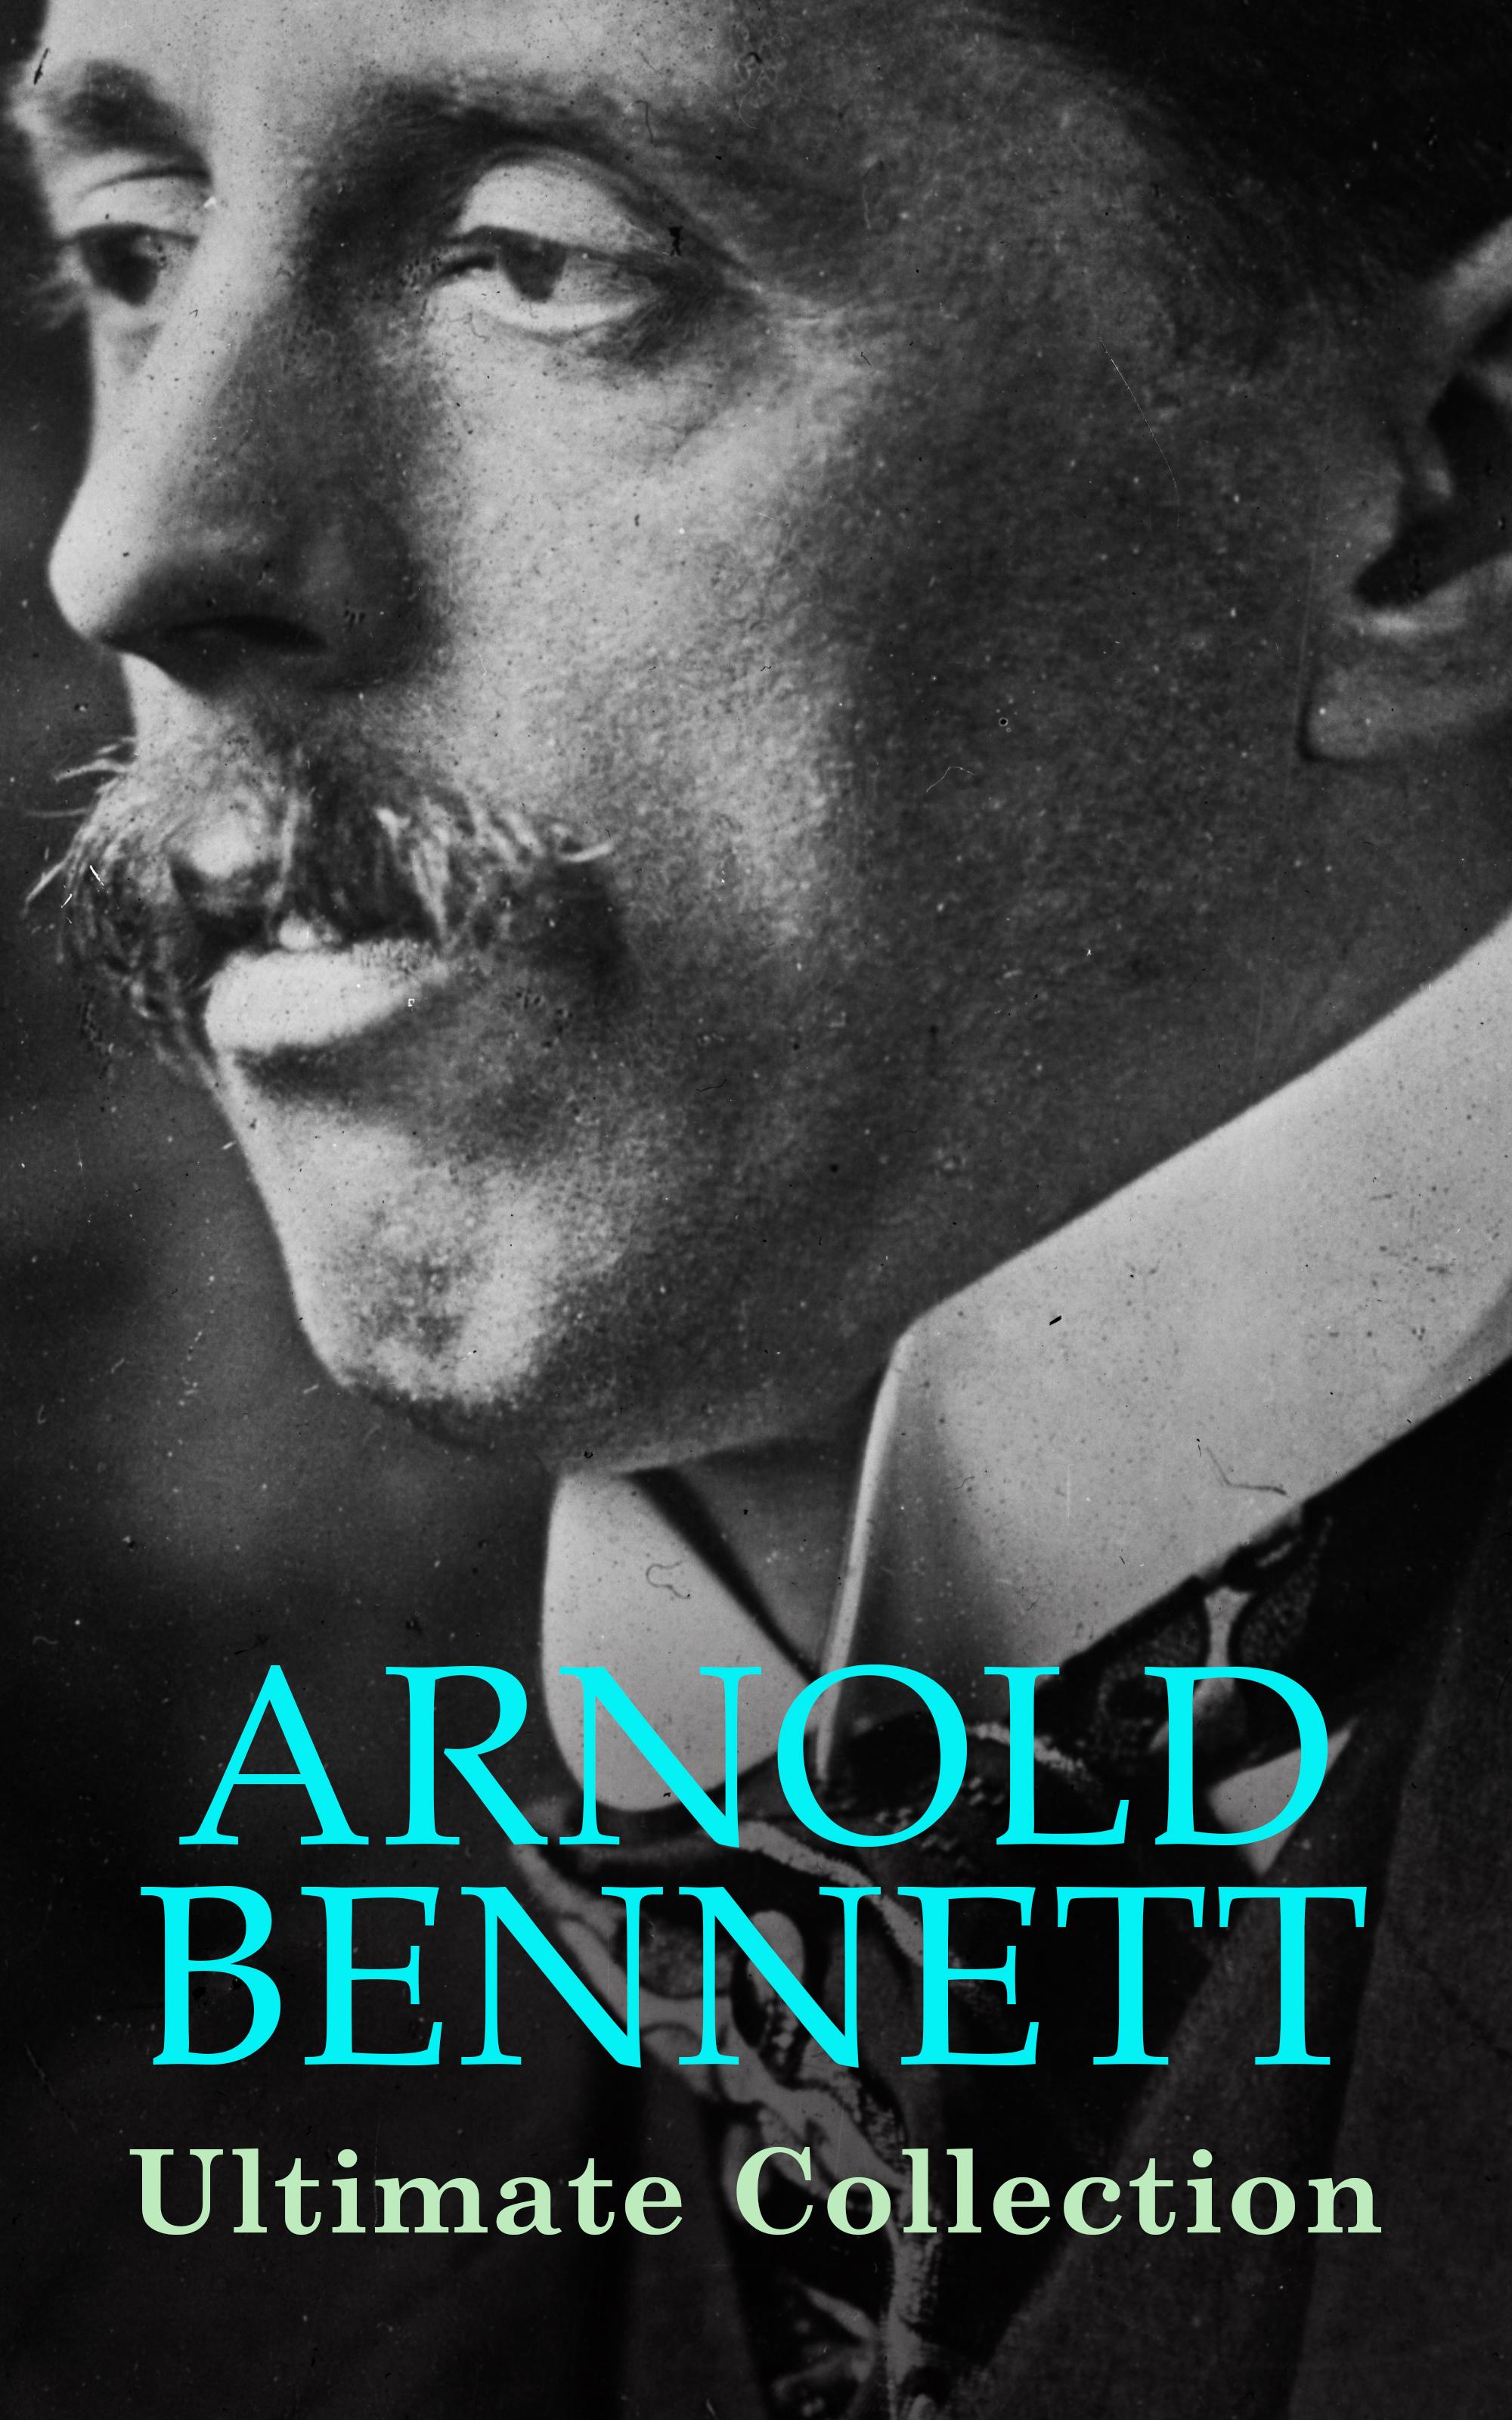 Bennett Arnold ARNOLD BENNETT Ultimate Collection